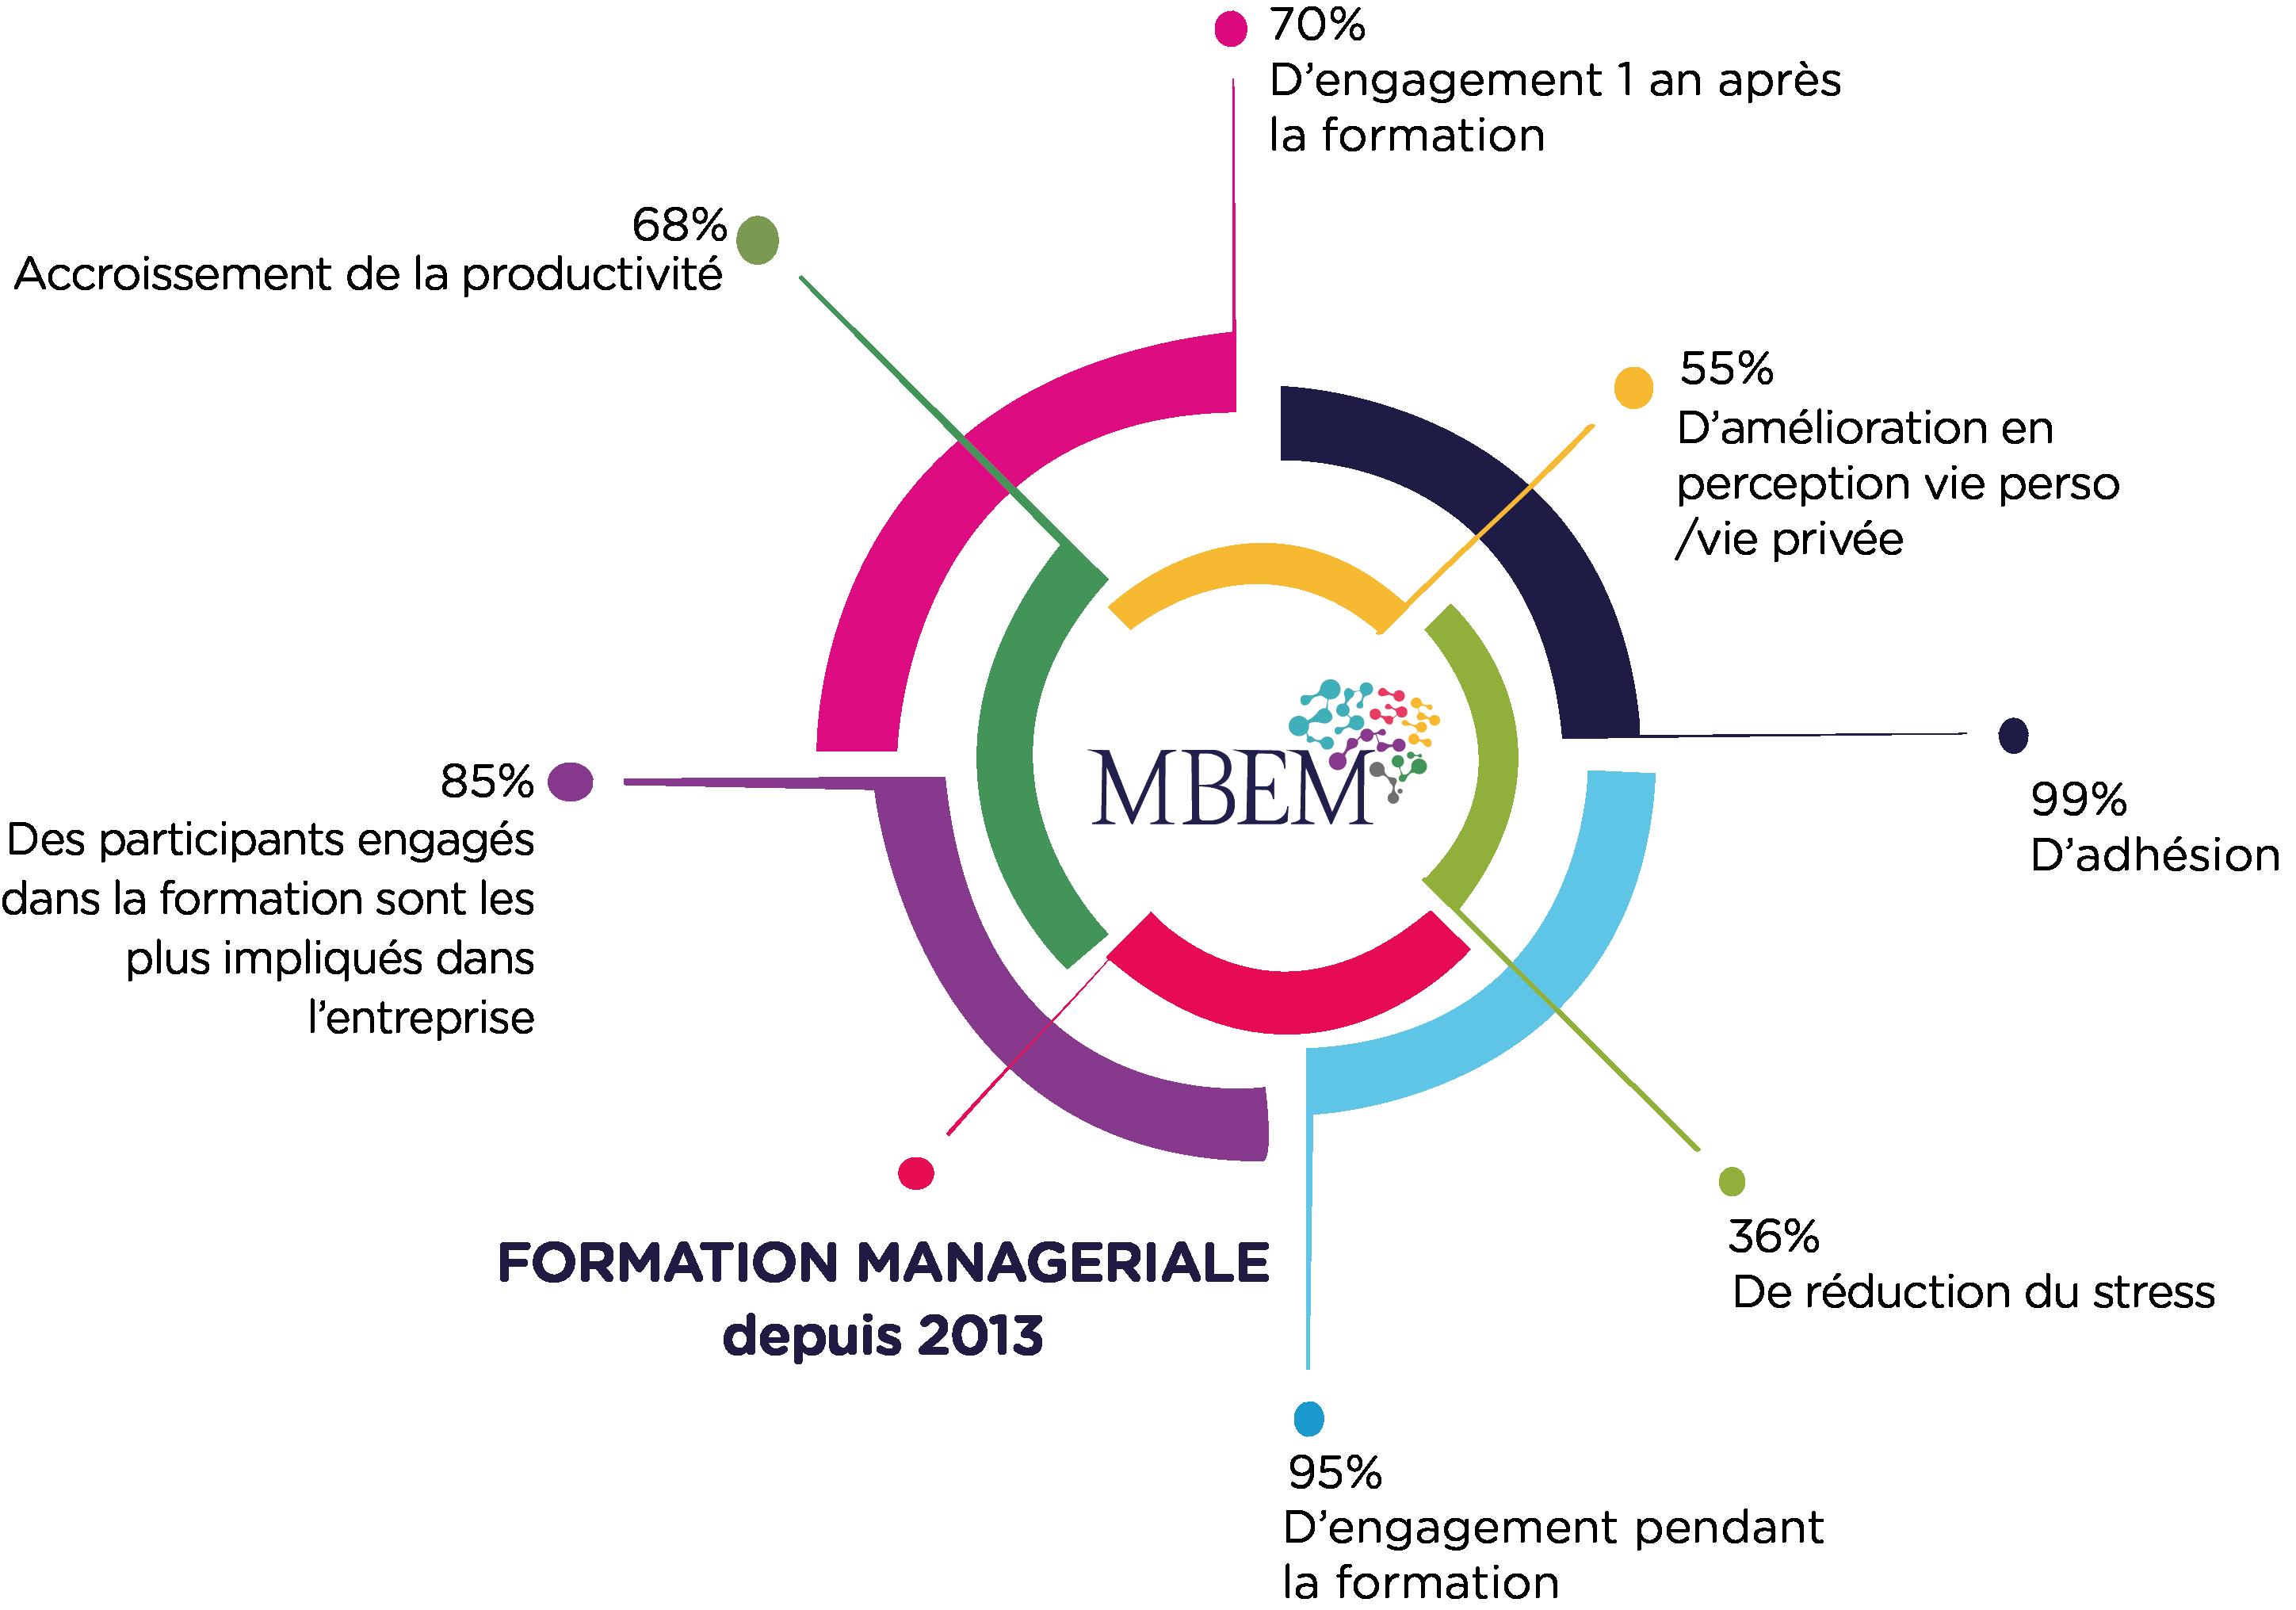 Les Statistiques de MBEM